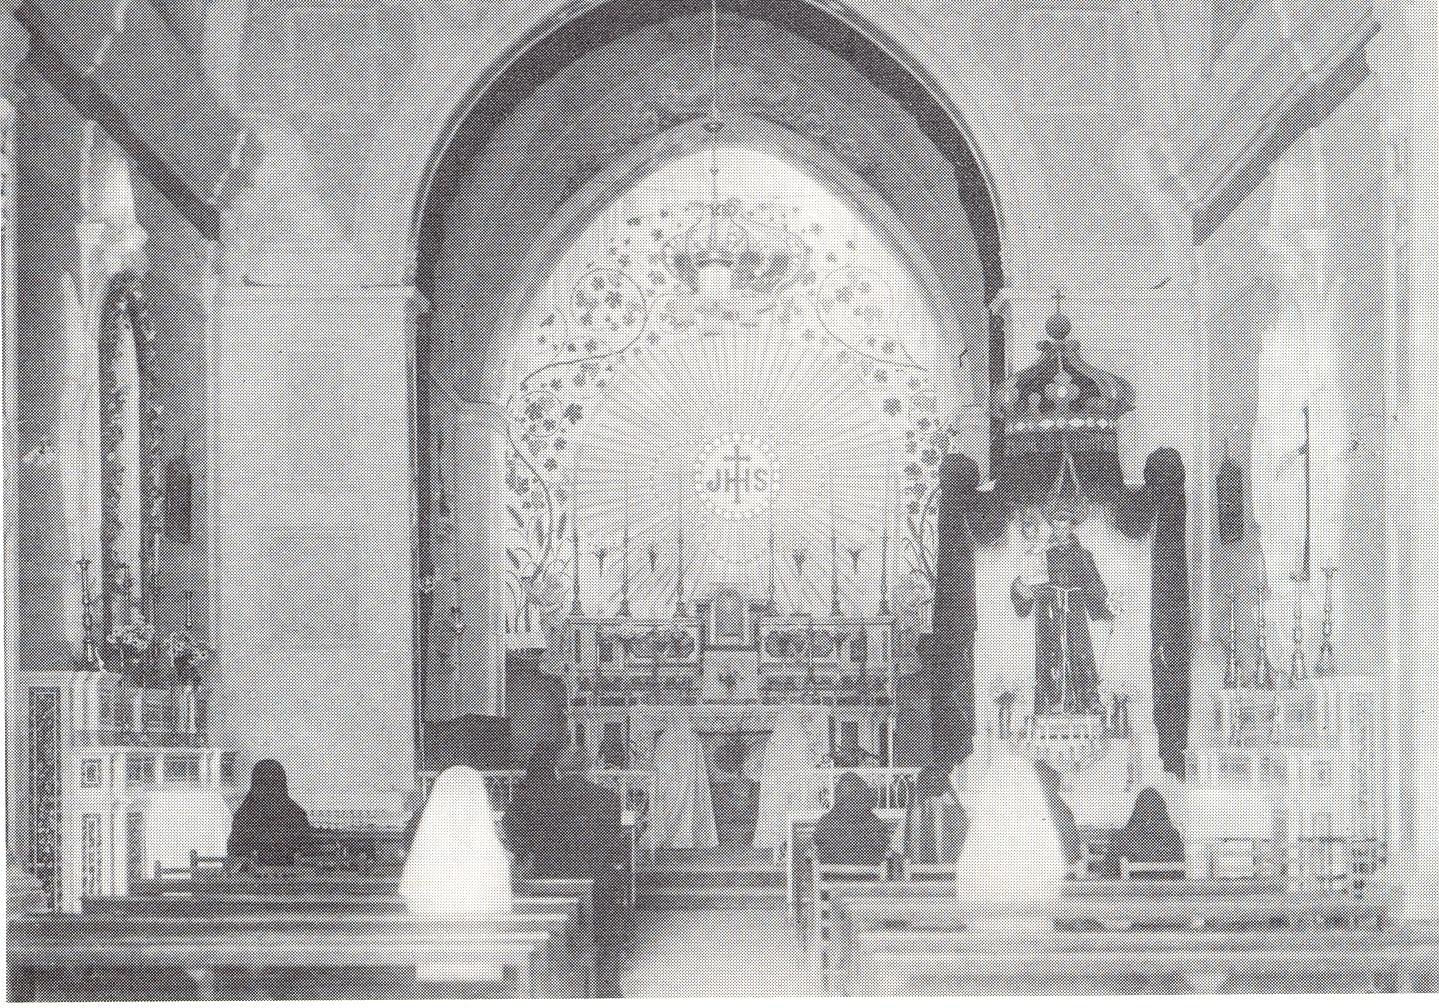 Suore in Adorazione - Sant'Antonio Tricarico